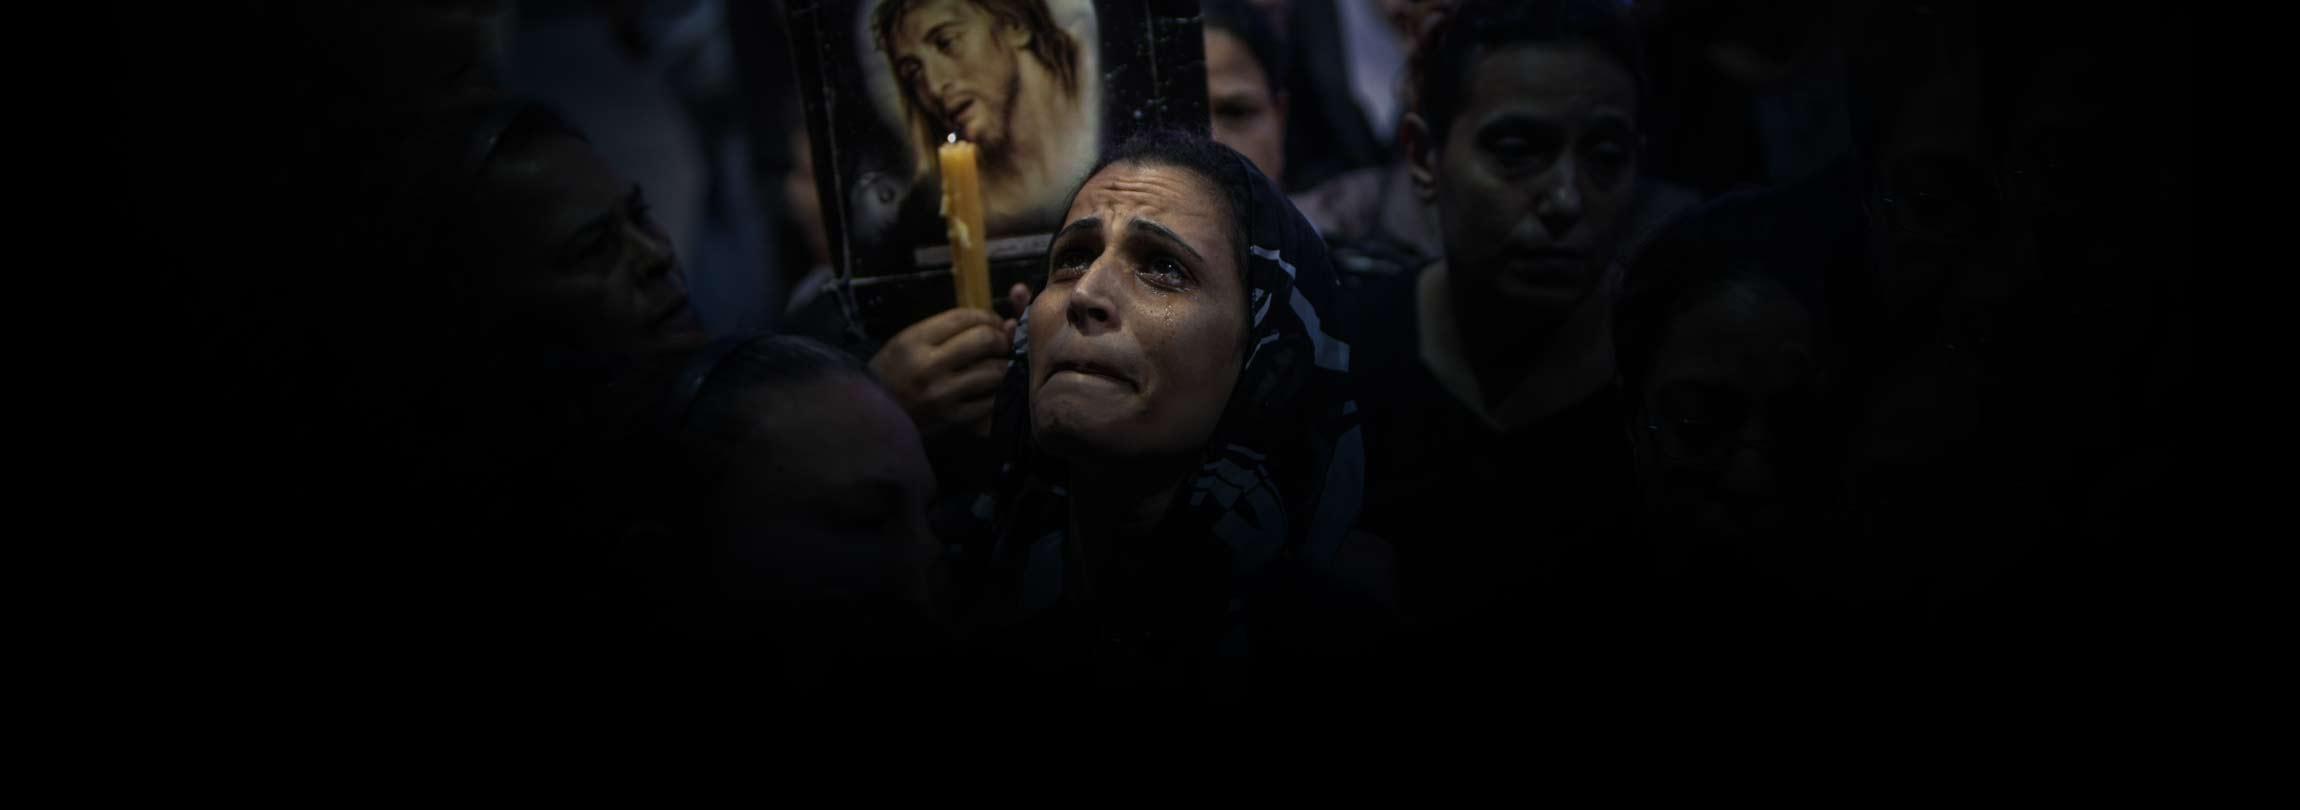 5 razões pelas quais os cristãos são o inimigo público número um